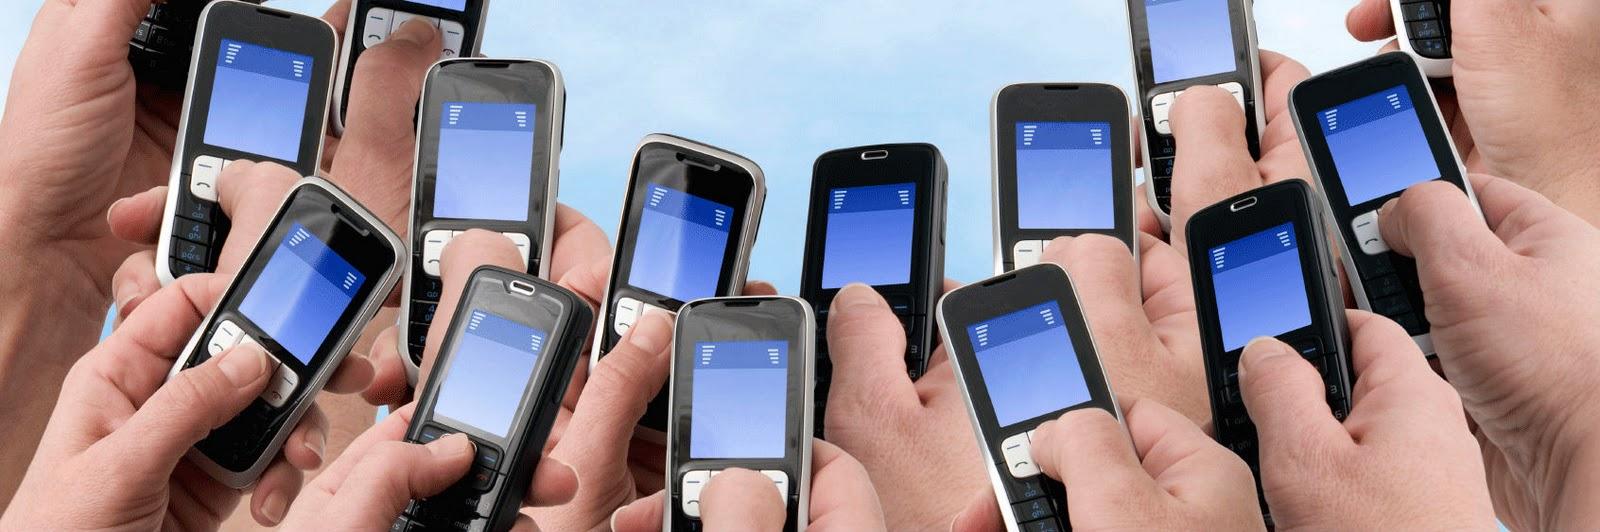 Проблемы мобильного маркетинга